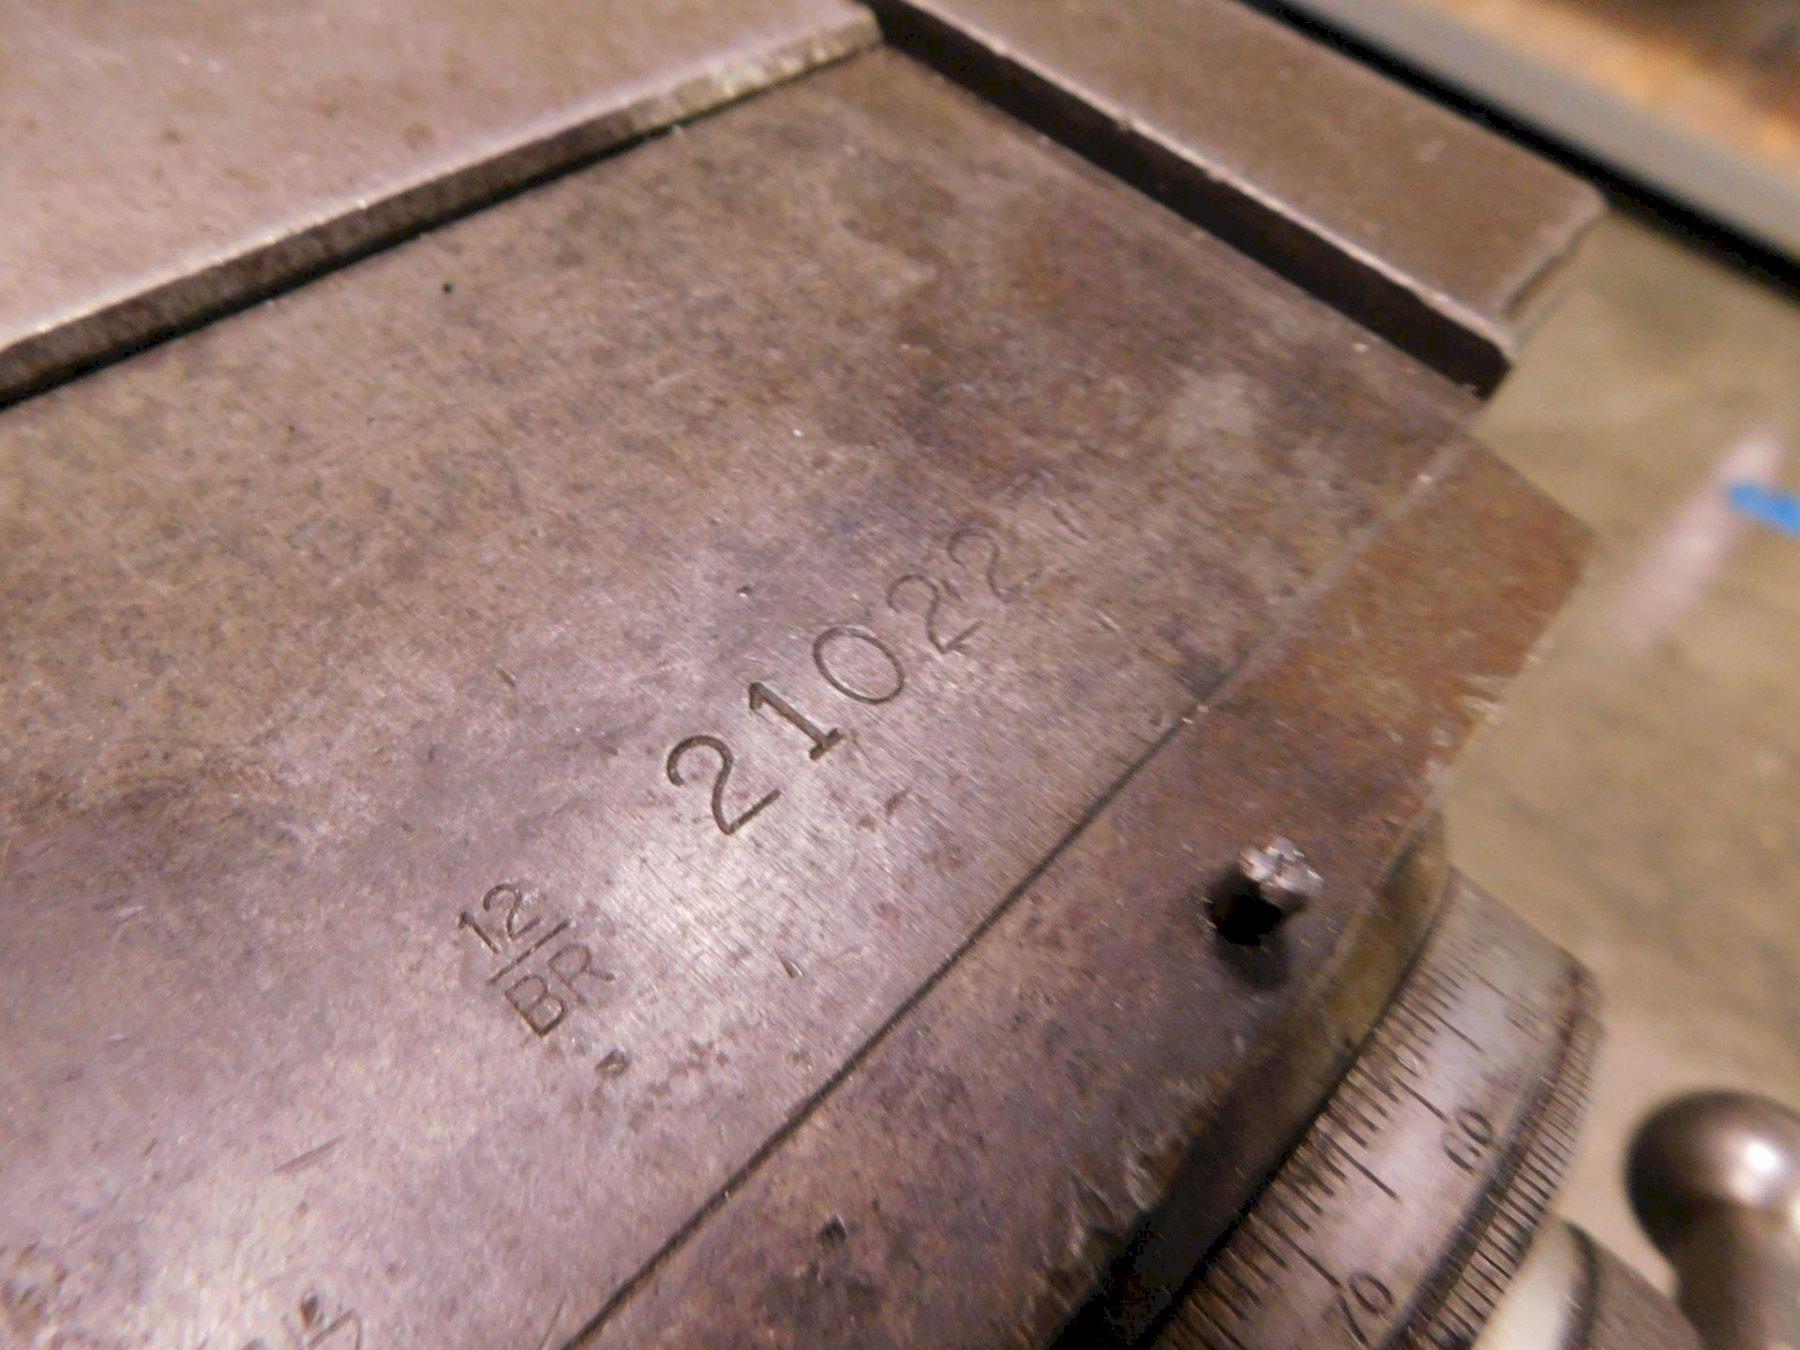 """BRIDGEPORT SERIES 1 VERTICAL KNEE MILL, 2-Axis Acu-Rite II DRO, 9"""" x 42"""" Table, Bridgeport Power Table Feed, 2 HP Motor, 700-4200 RPM, New 1980."""